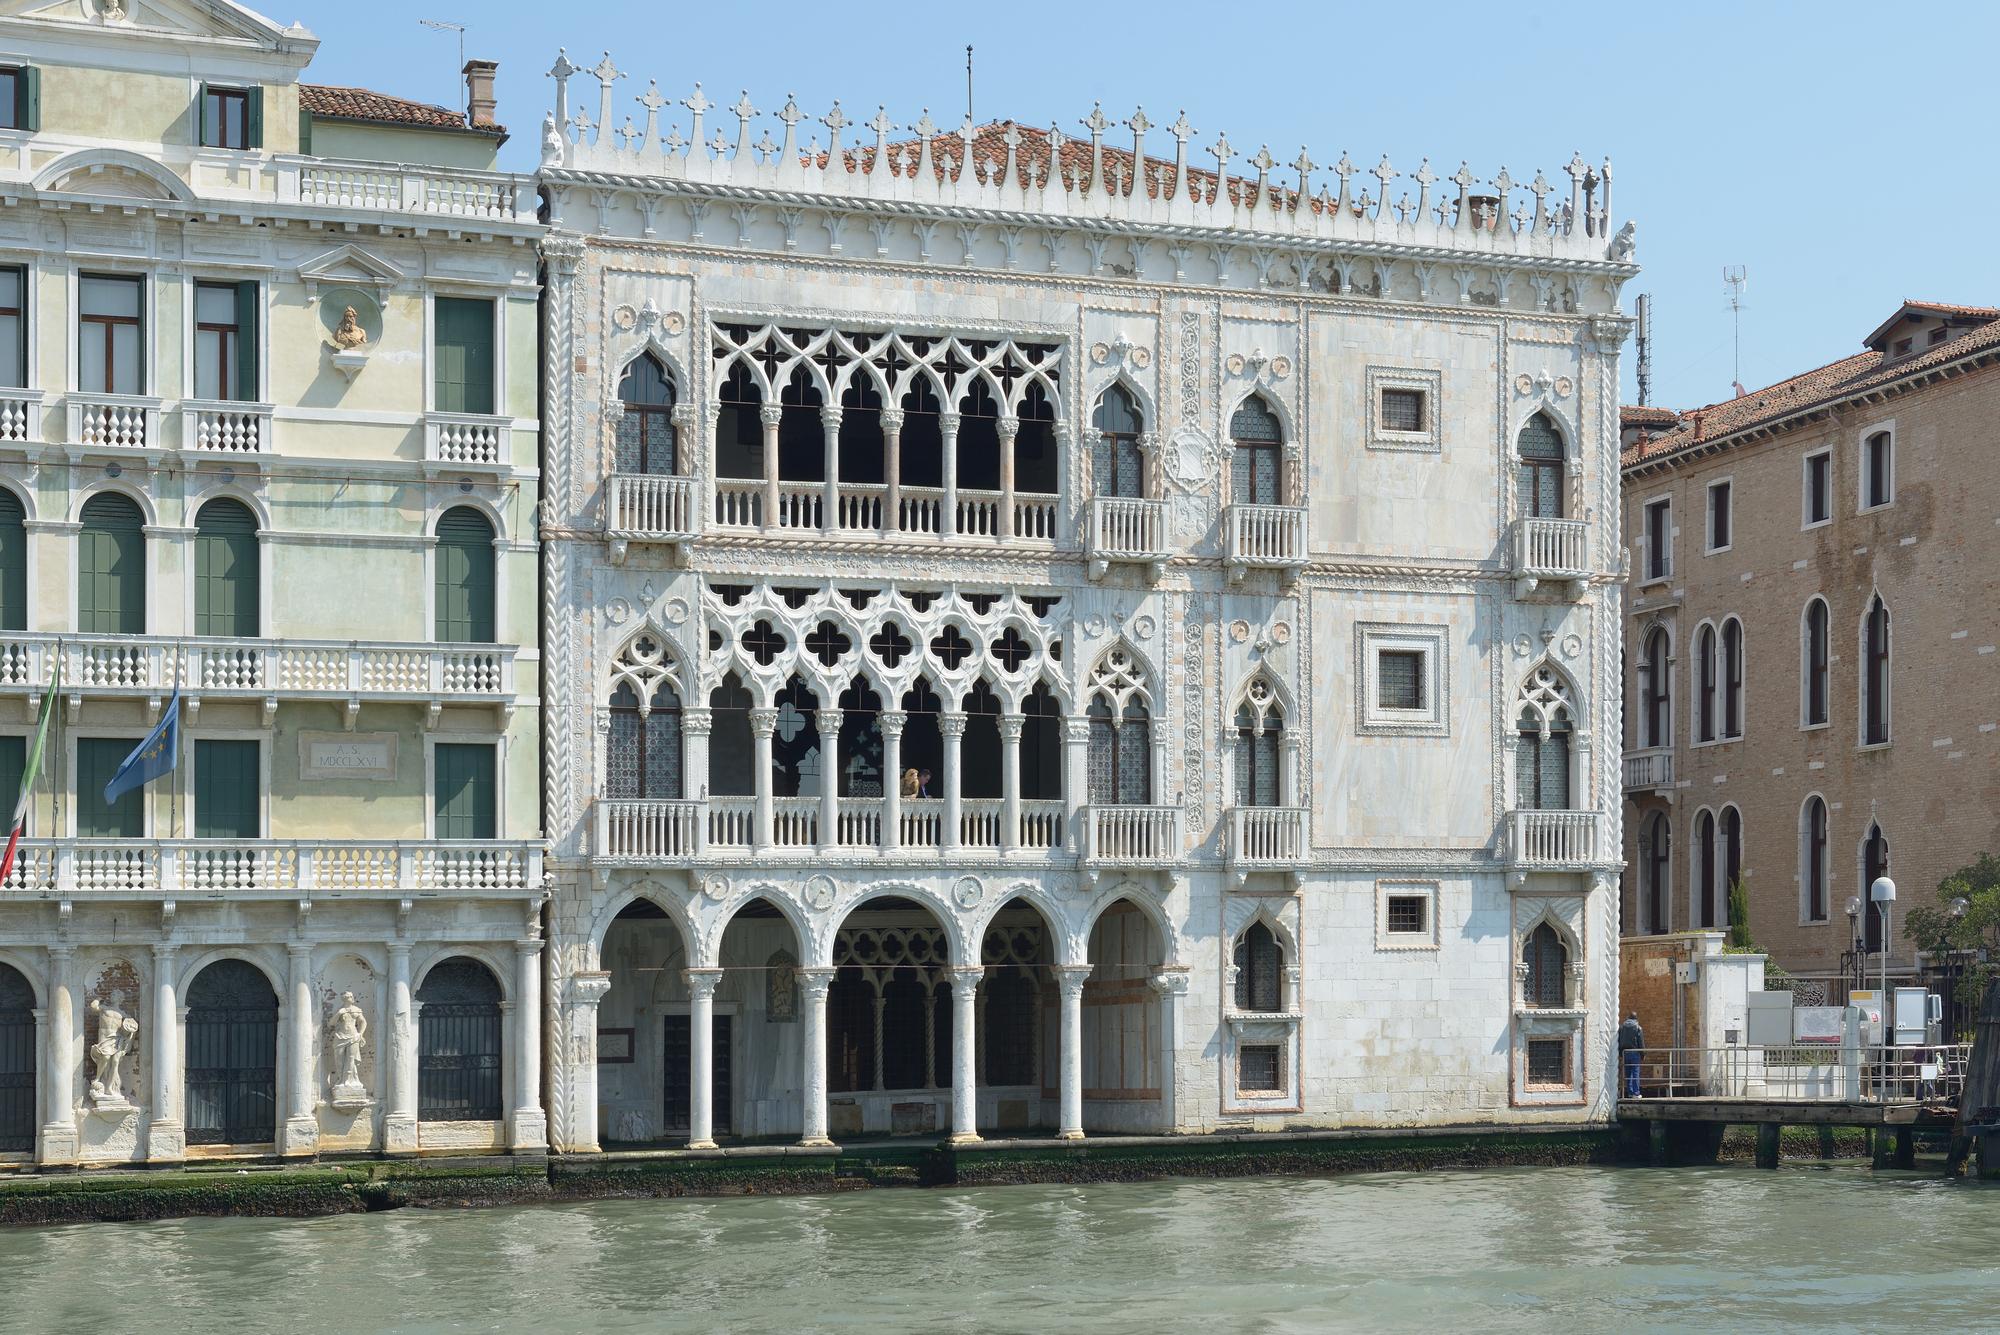 Ad Classics Palazzo Santa Sofia The Ca D Oro Archdaily